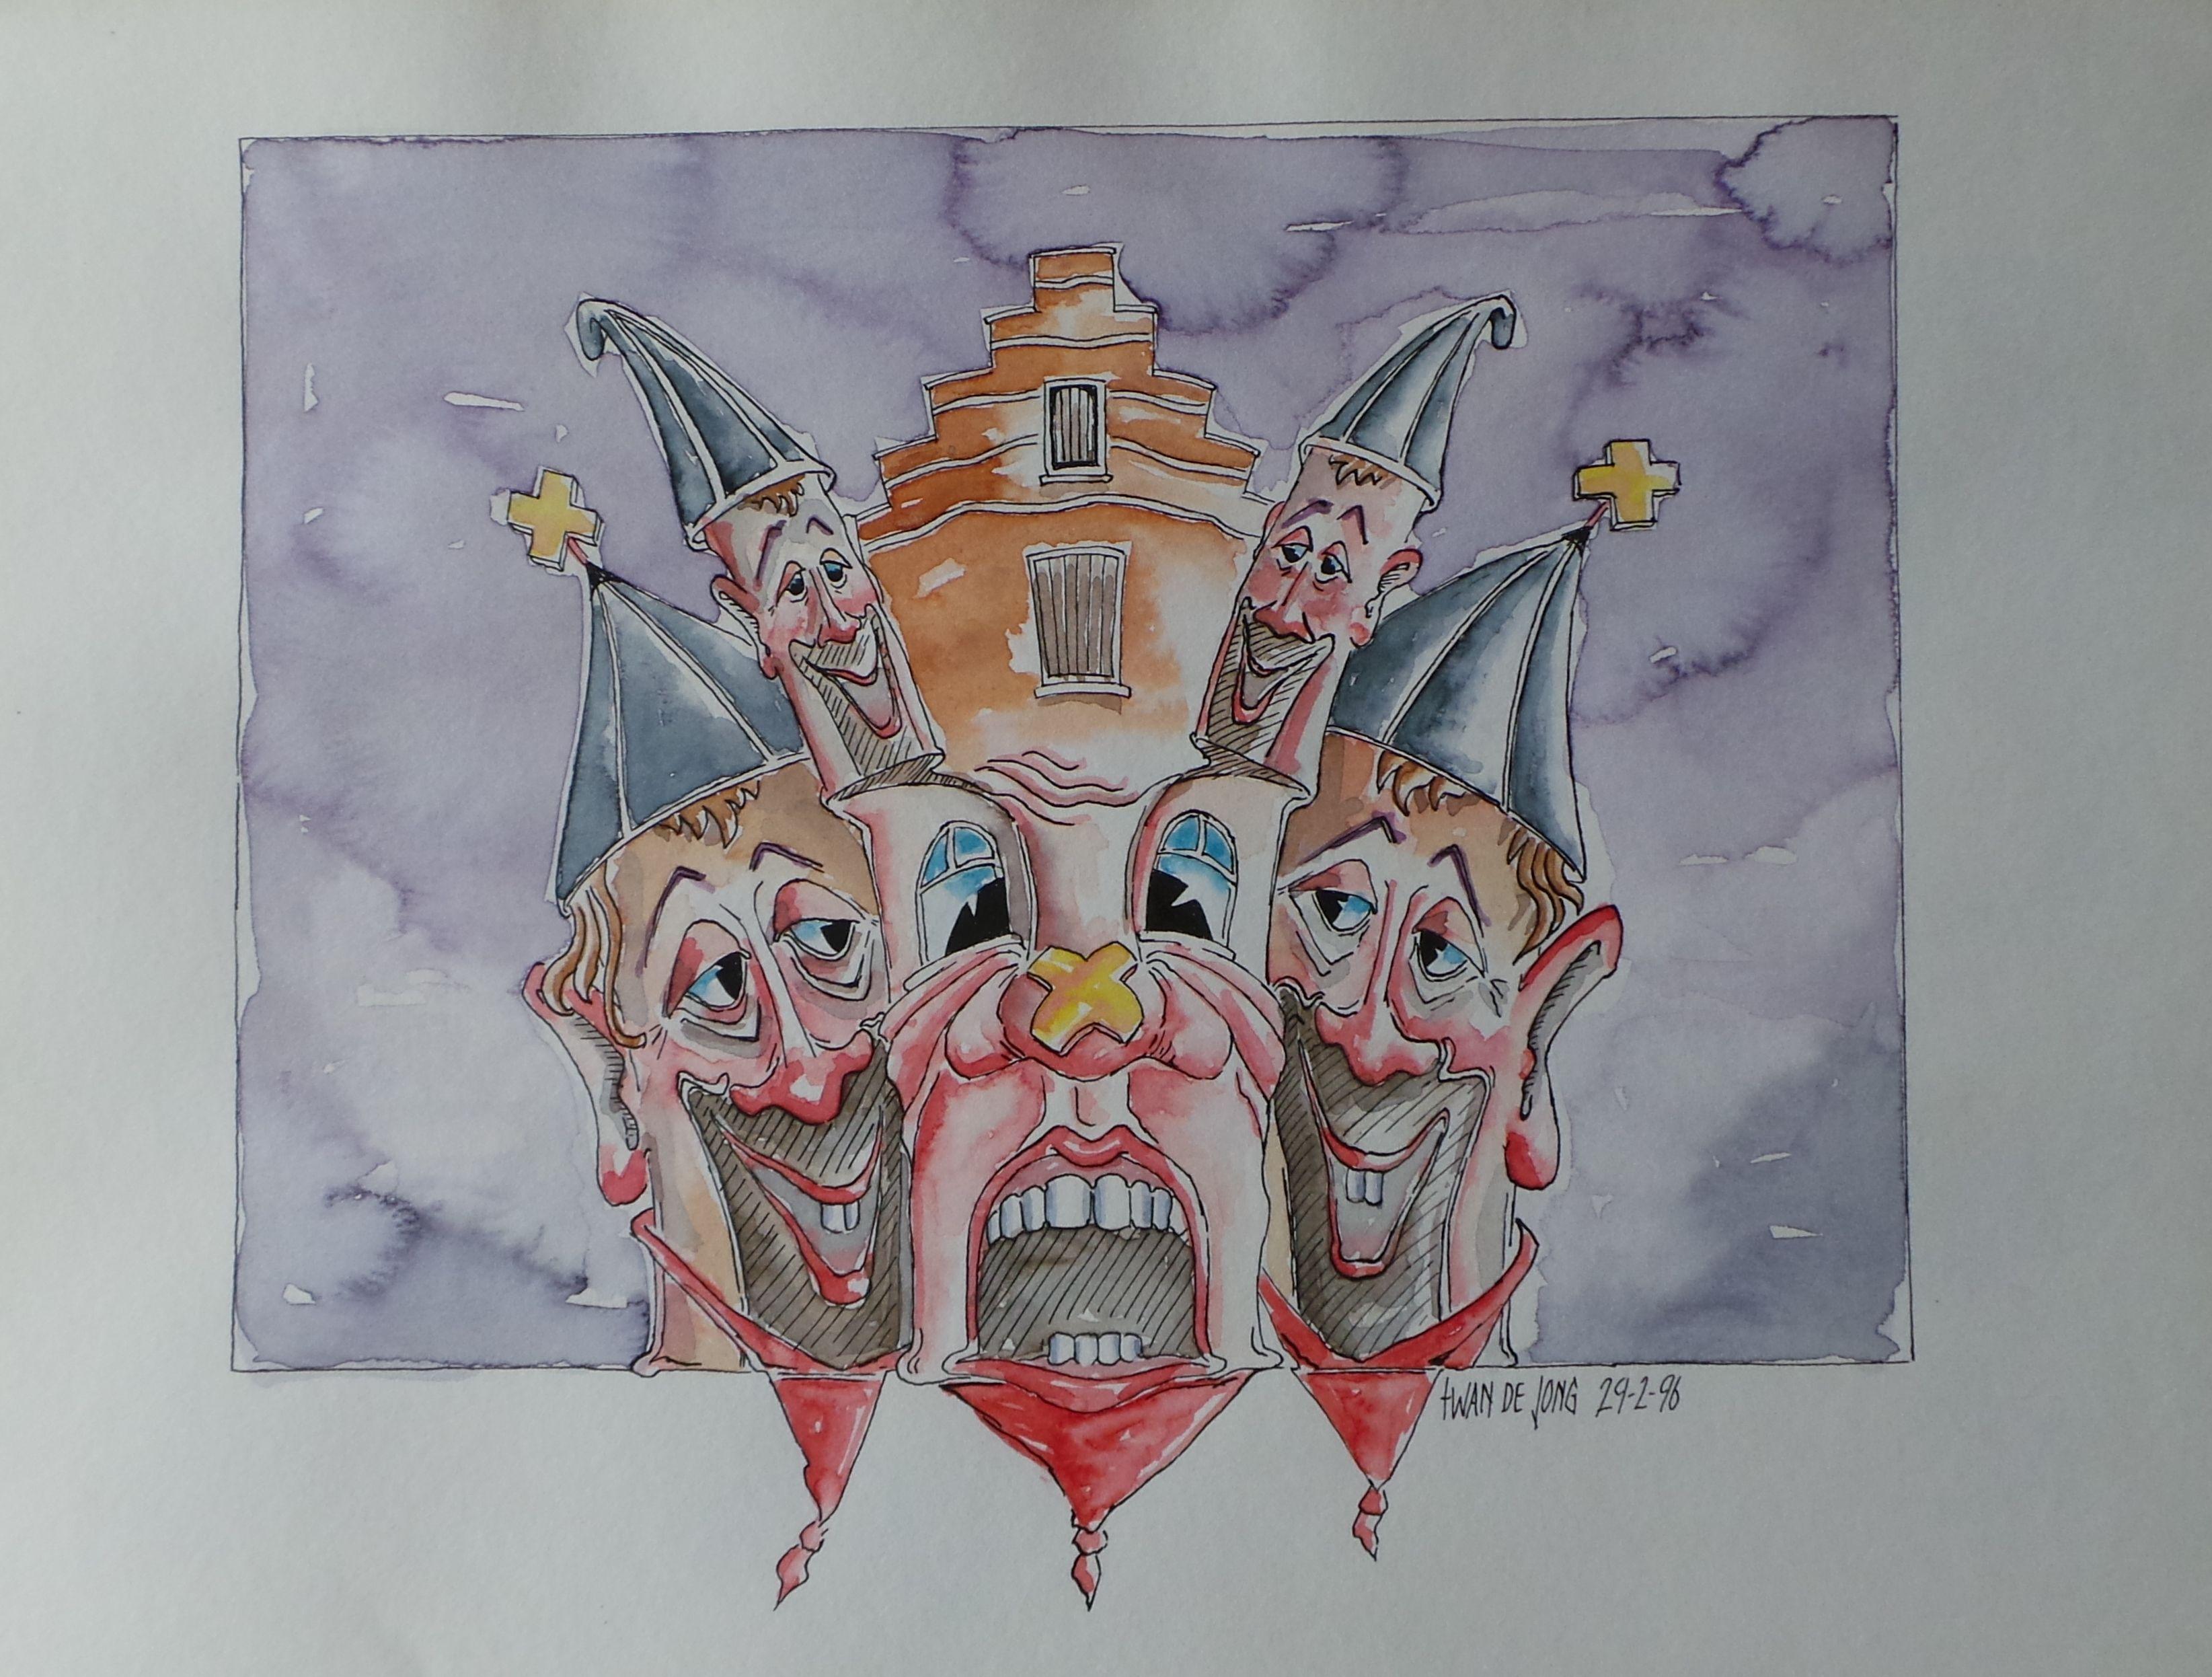 Vastenavend Krabbegat By Toine De Jong Geschiedenis Bergen Schilderij